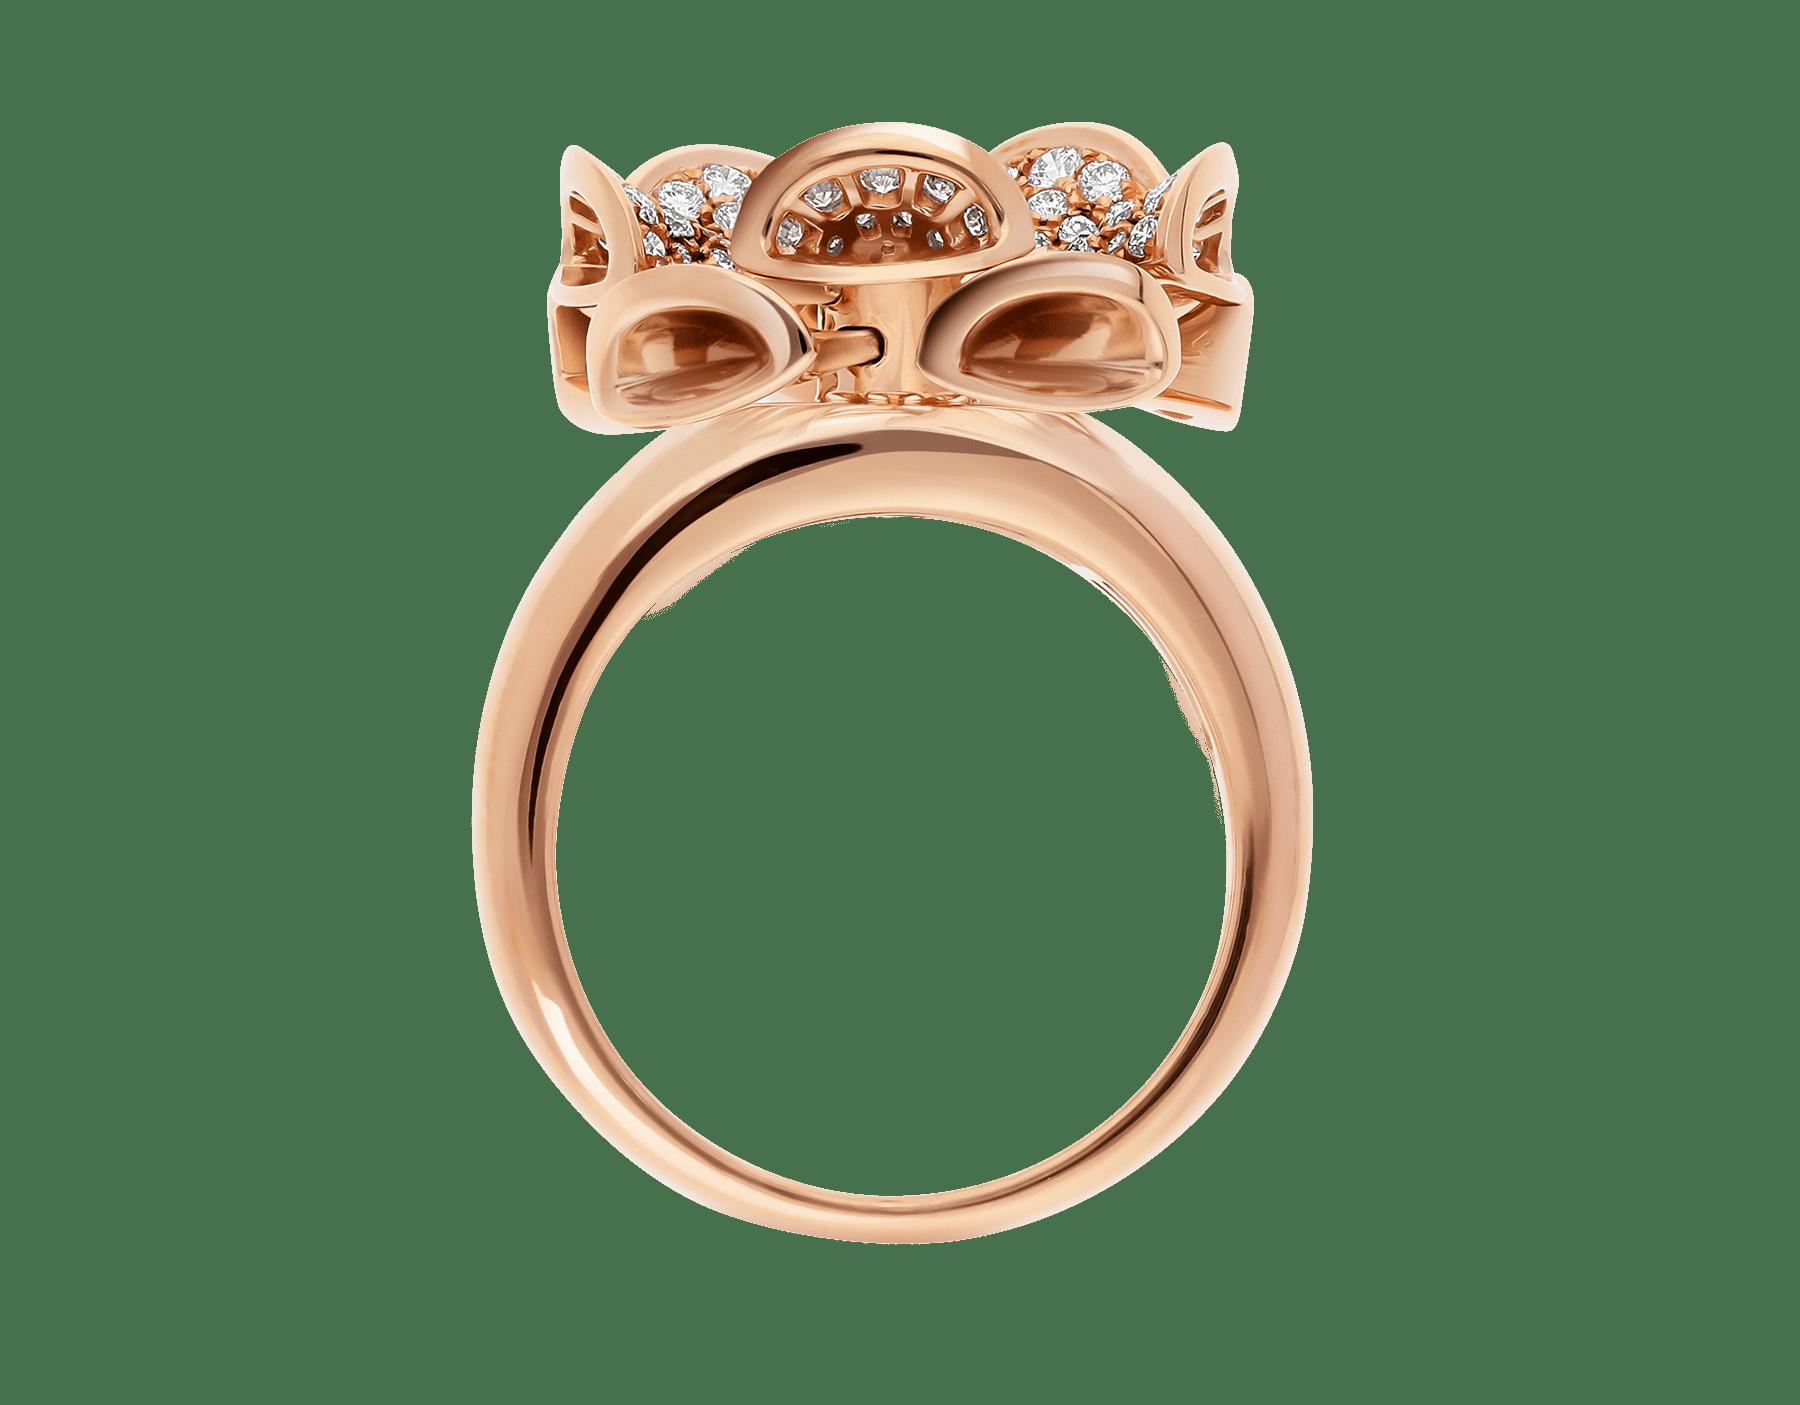 La bague DIVAS' DREAM règne en reine sur le jardin du glamour en se parant d'or rose et de pétales en pavé diamants à l'élégance florale. AN857078 image 2